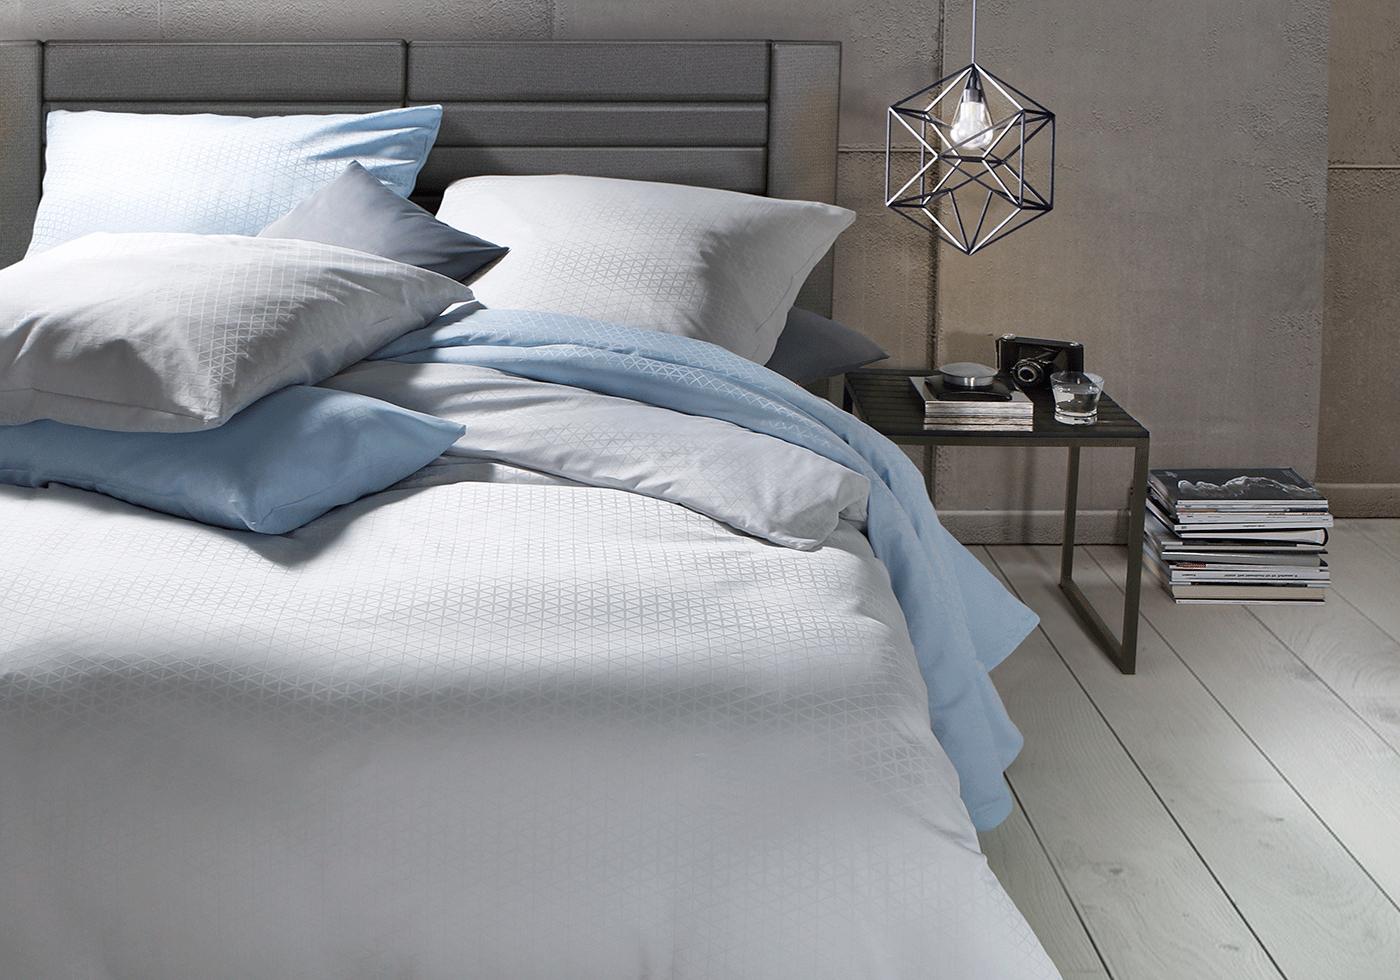 Blaue Damast Bettwäsche in modernem Schlafzimmer